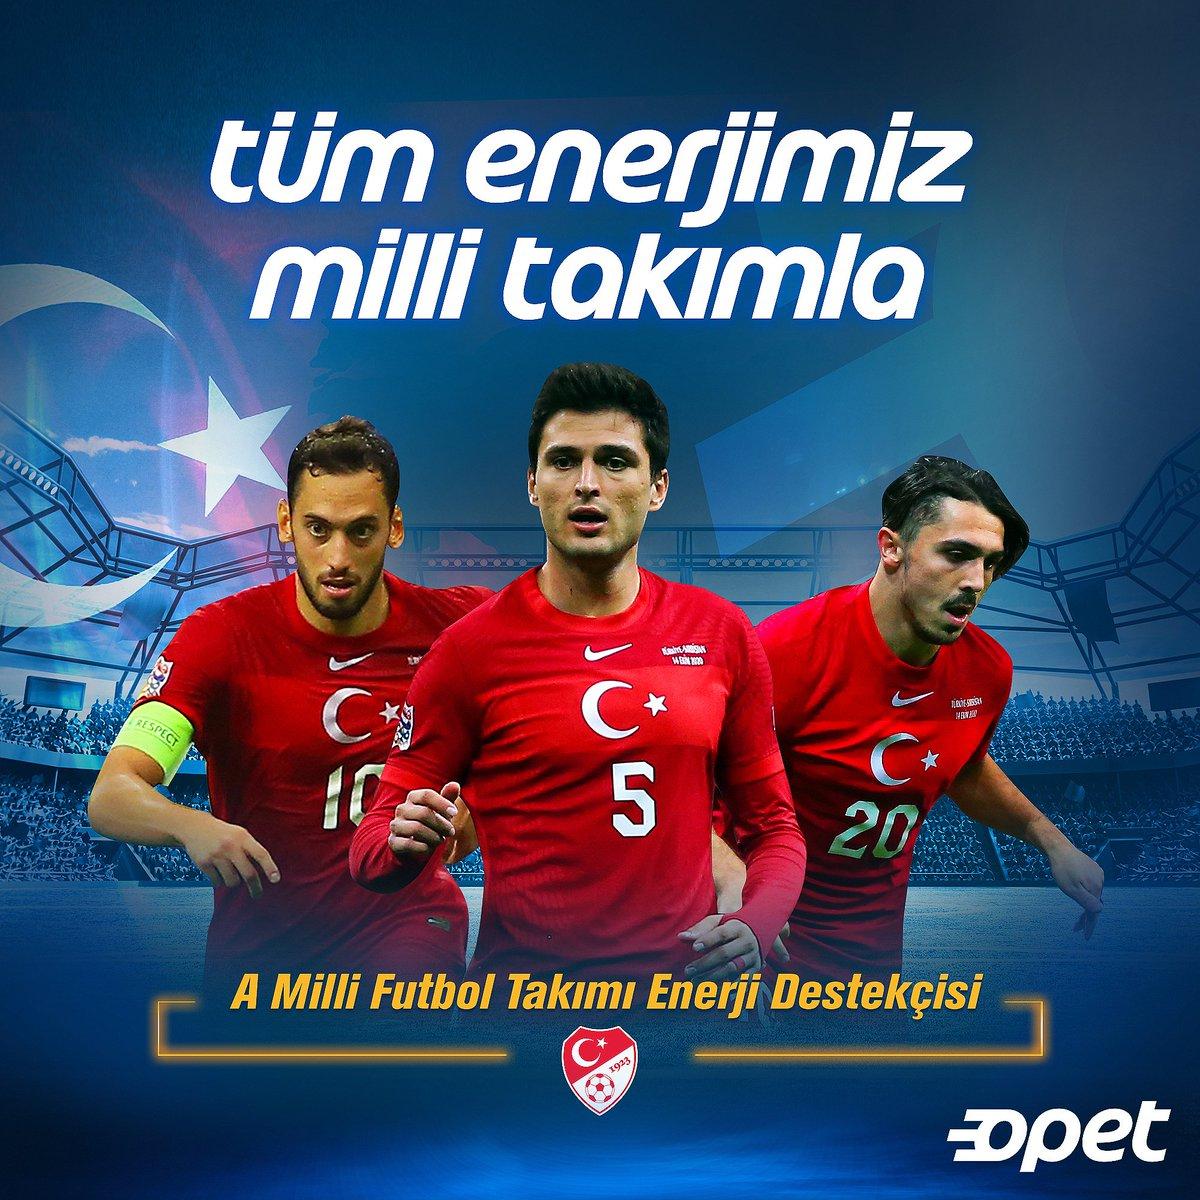 Hırvatistan ile karşılaşacağımız dostluk maçında, Millilerimize başarılar.